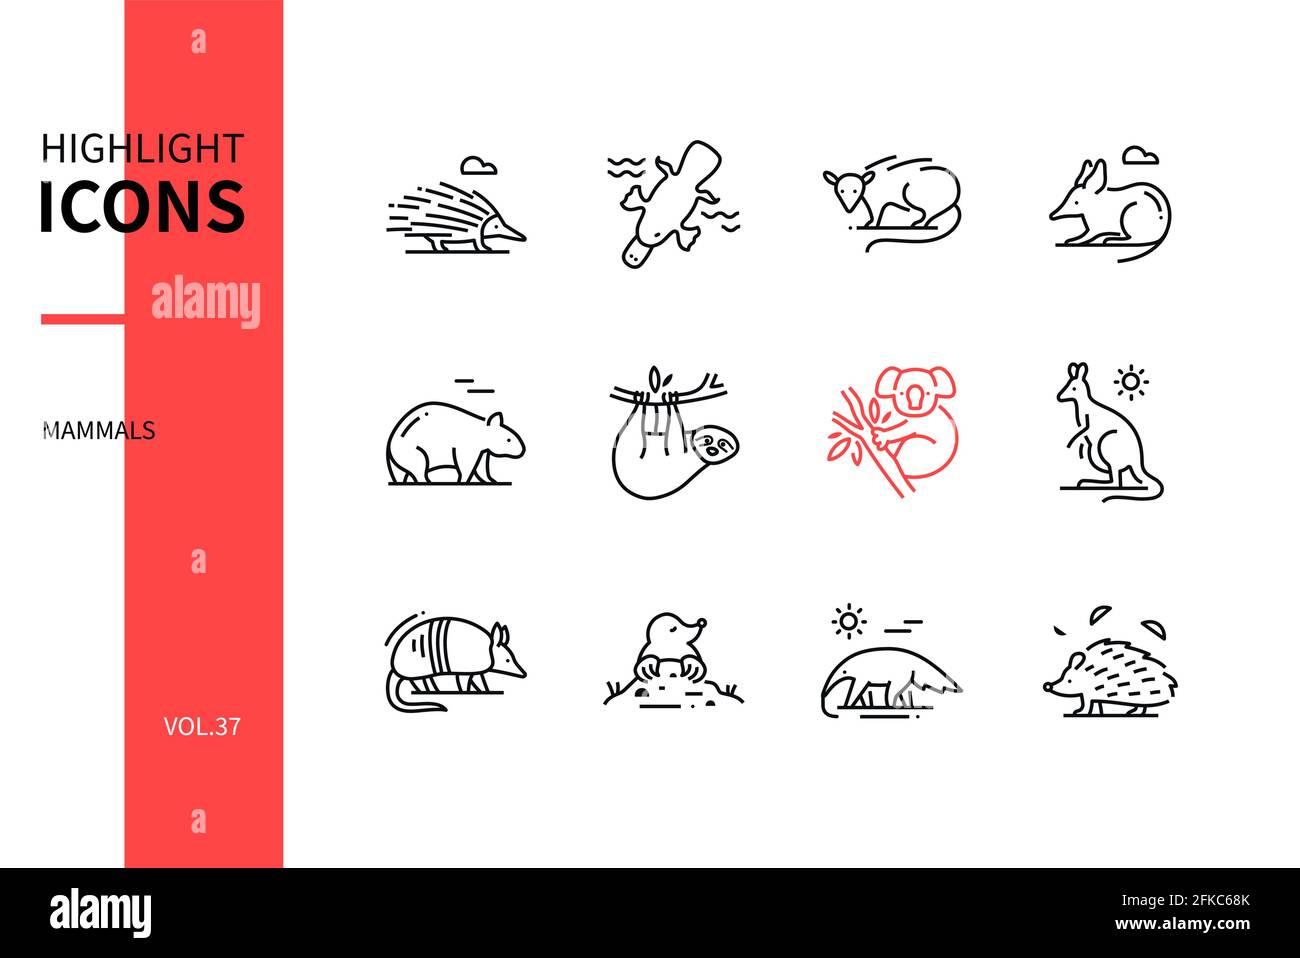 Diferentes Mamíferos - conjunto de iconos de diseño de líneas modernas. Concepto de varios animales. Imágenes en blanco y negro de un echidna, opossum, bandicoot, wombat, koal Ilustración del Vector